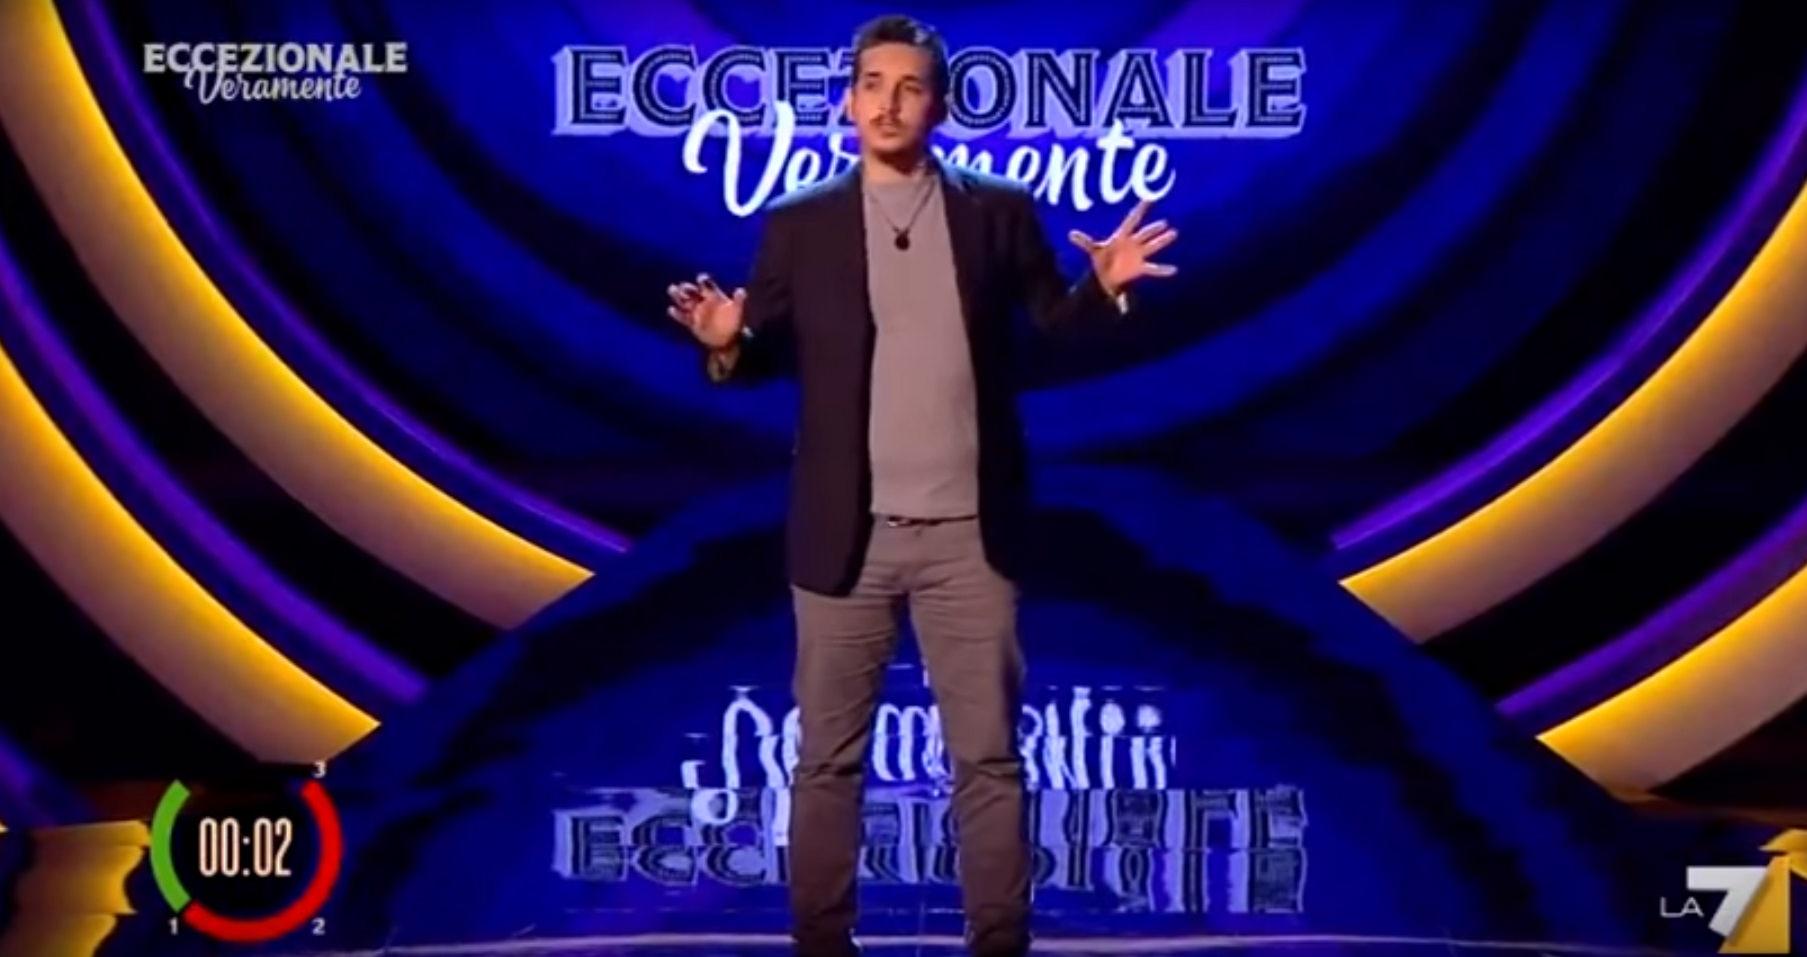 """Roberto Lipari è il comico dell'anno: sua la vittoria di """"Eccezionale Veramente"""""""